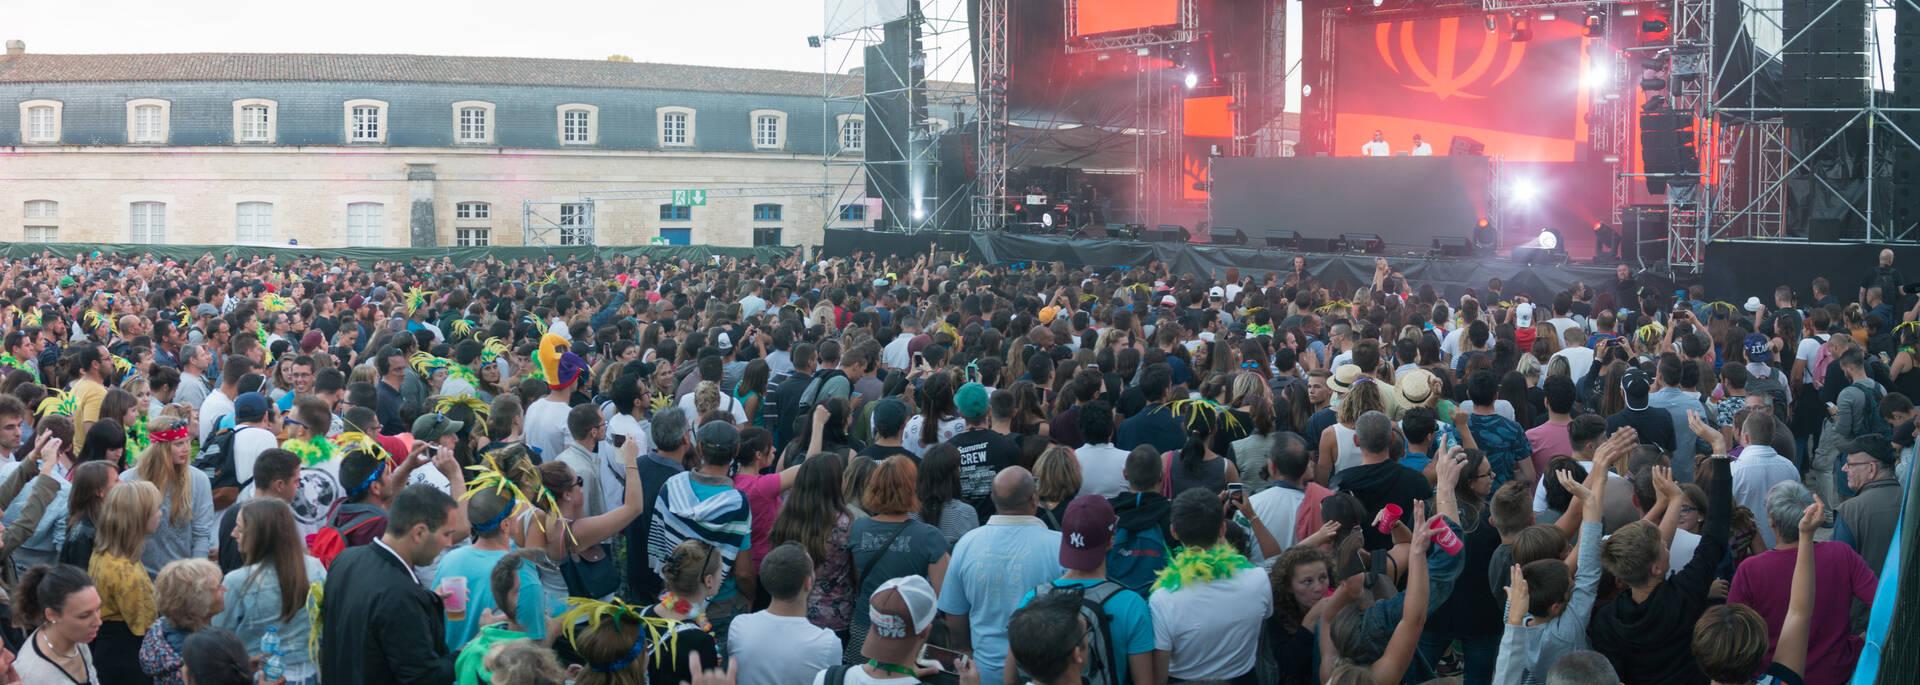 La Corderie Royale accueille le Festival Summer Sound début Août à Rochefort - © David Compain - Ville de Rochefort